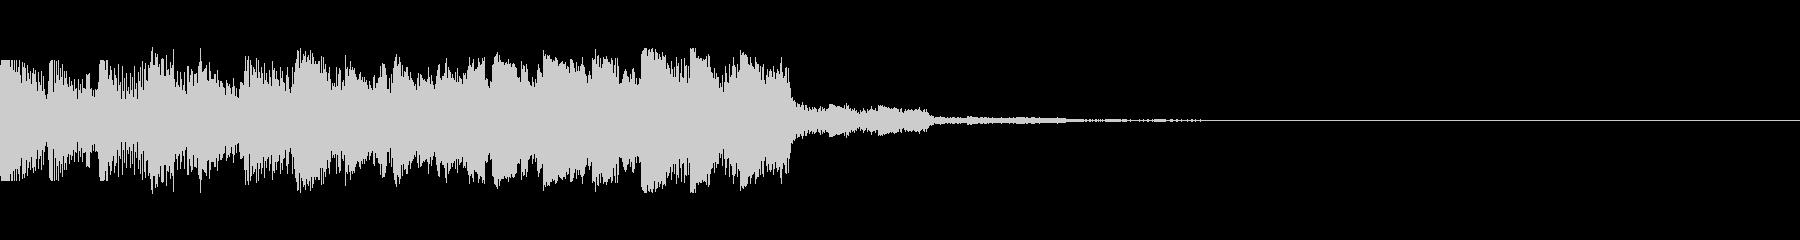 パチンコ的アイテム獲得音10(SU03)の未再生の波形